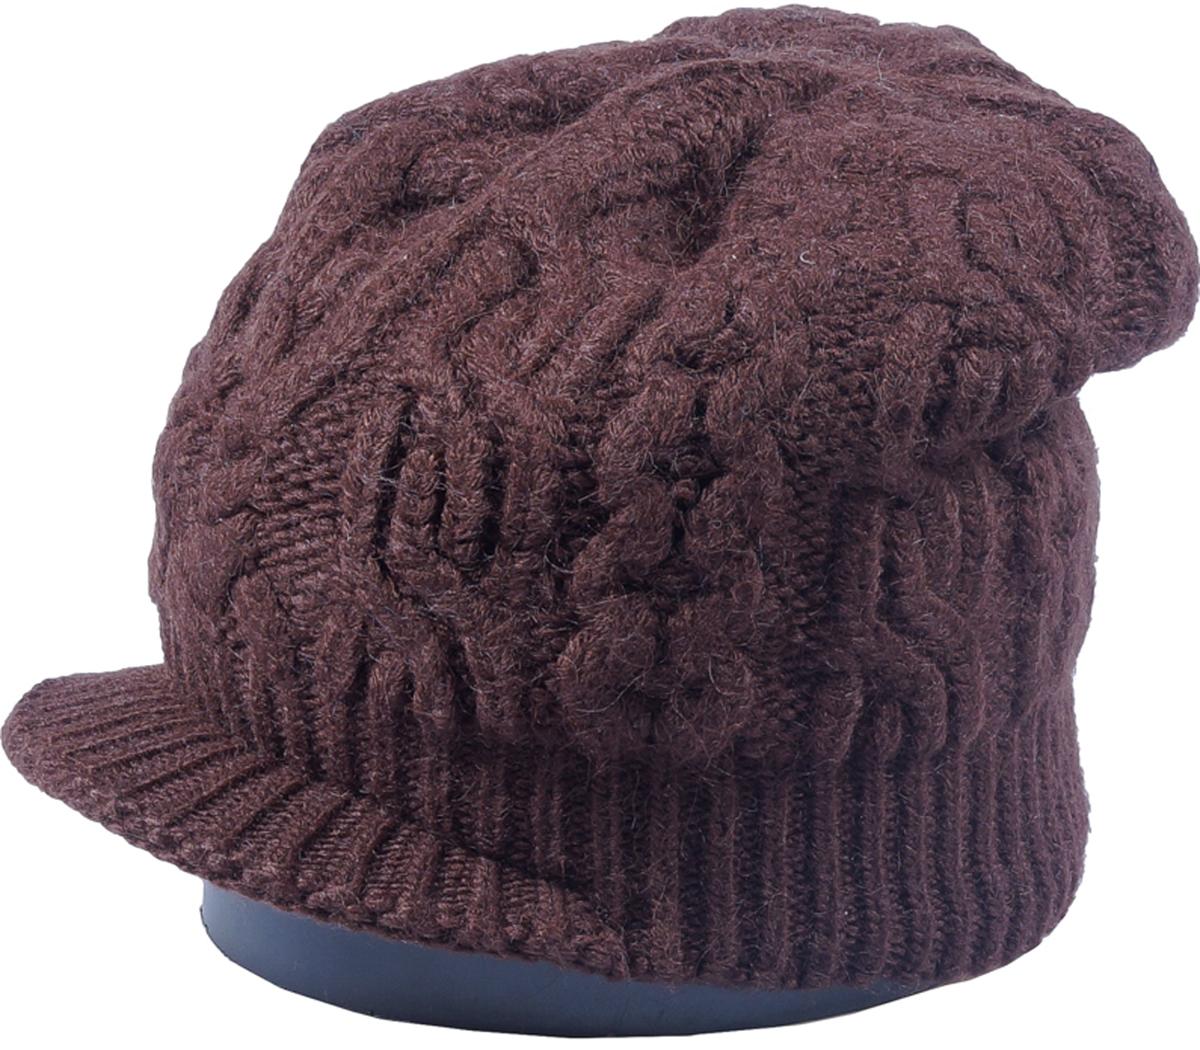 Шапка женская Vittorio Richi, цвет: коричневый. Aut261923V-85/17. Размер 56/58Aut261923VСтильная женская шапка Vittorio Richi отлично дополнит ваш образ в холодную погоду. Модель, изготовленная из высококачественных материалов, максимально сохраняет тепло и обеспечивает удобную посадку. Шапка дополнена ажурной вязкой. Привлекательная стильная шапка подчеркнет ваш неповторимый стиль и индивидуальность.